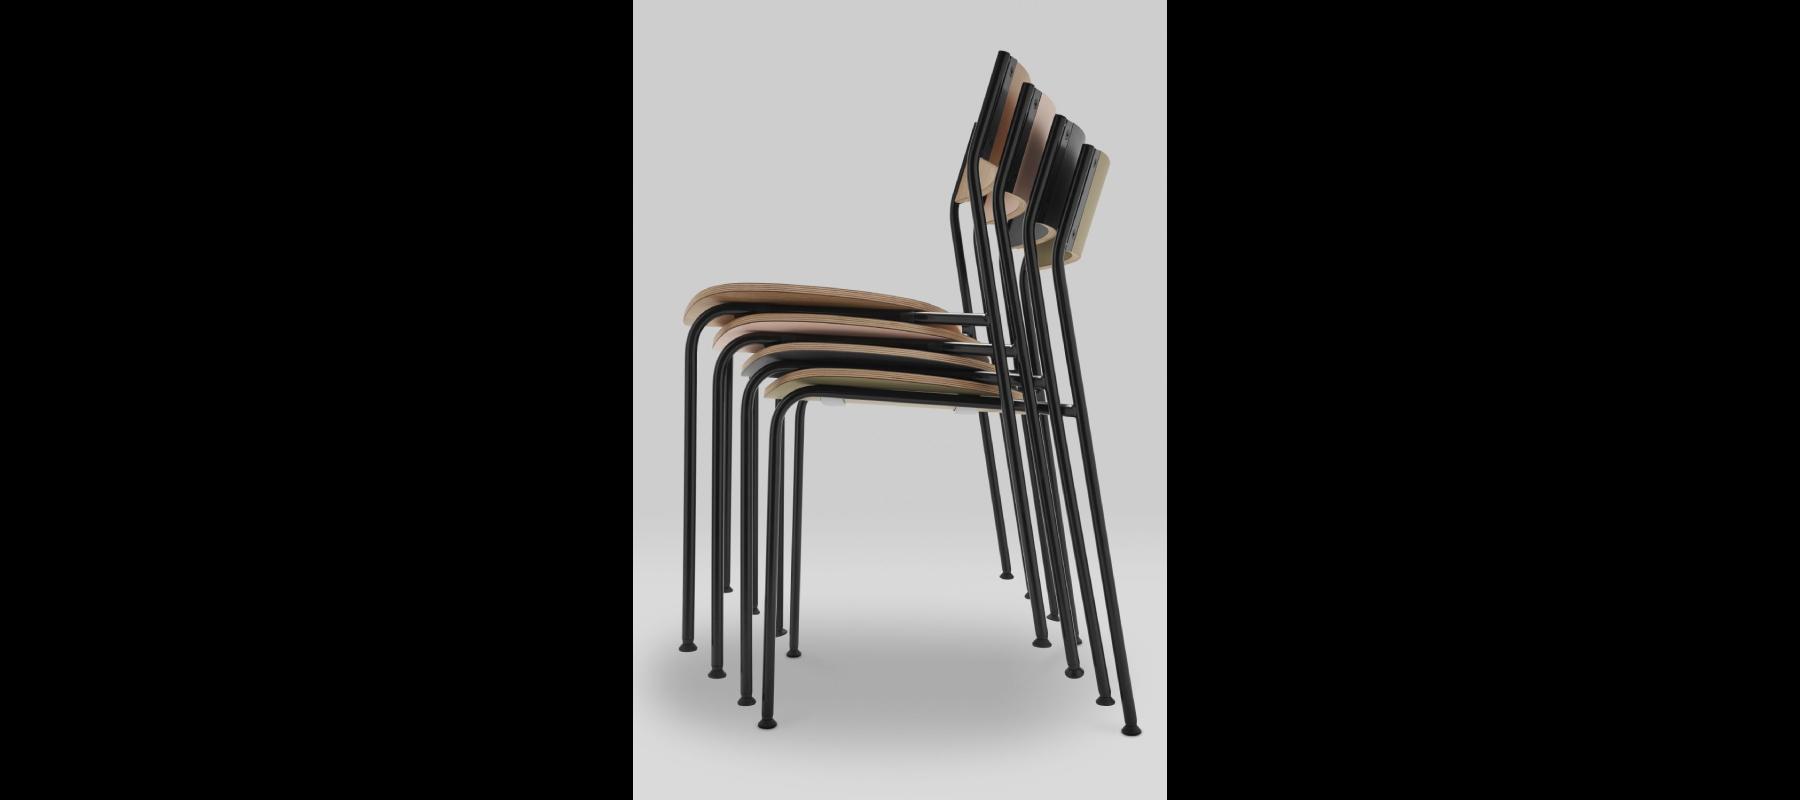 krzesła konferencyjne shark orka detale - 01